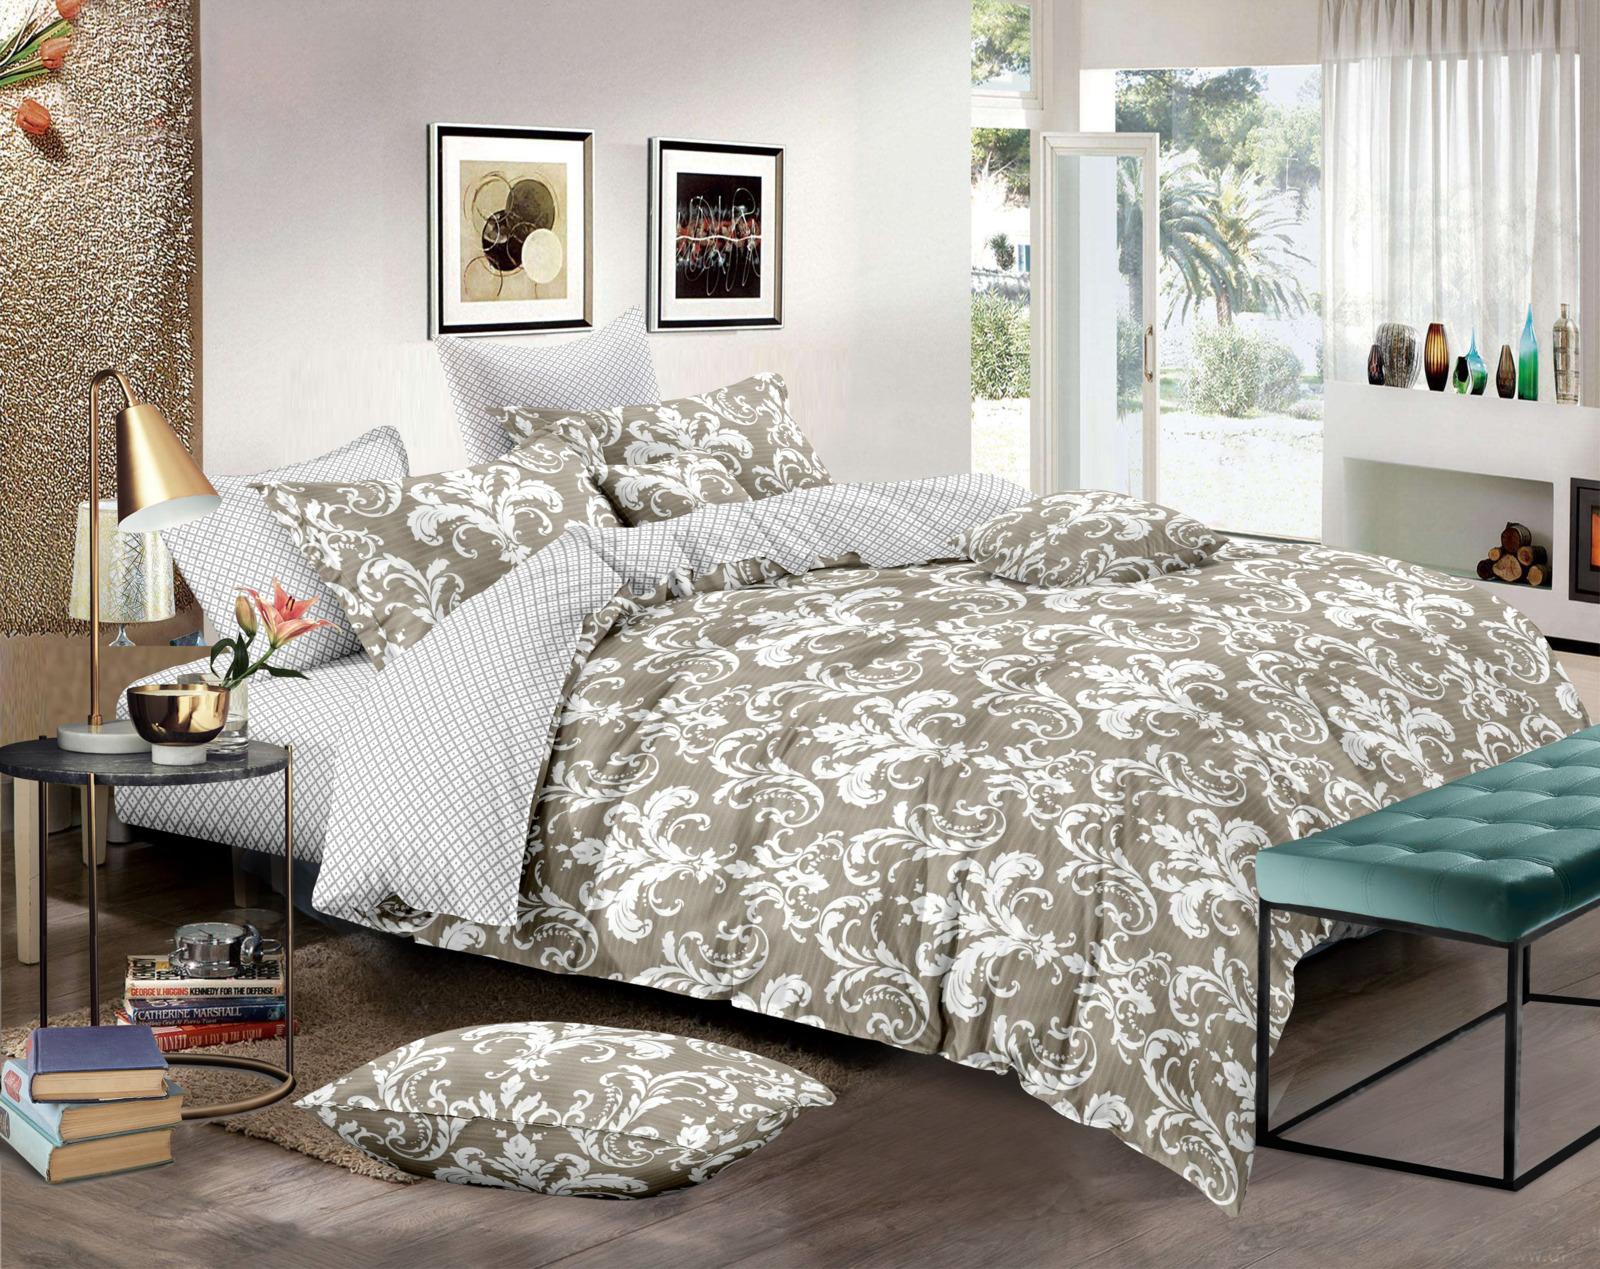 Фото - Комплект постельного белья Amore Mio Gold Bonnie, 7846, бежевый, 2-спальный, наволочки 70x70 постельное белье этель кружева комплект 2 спальный поплин 2670978